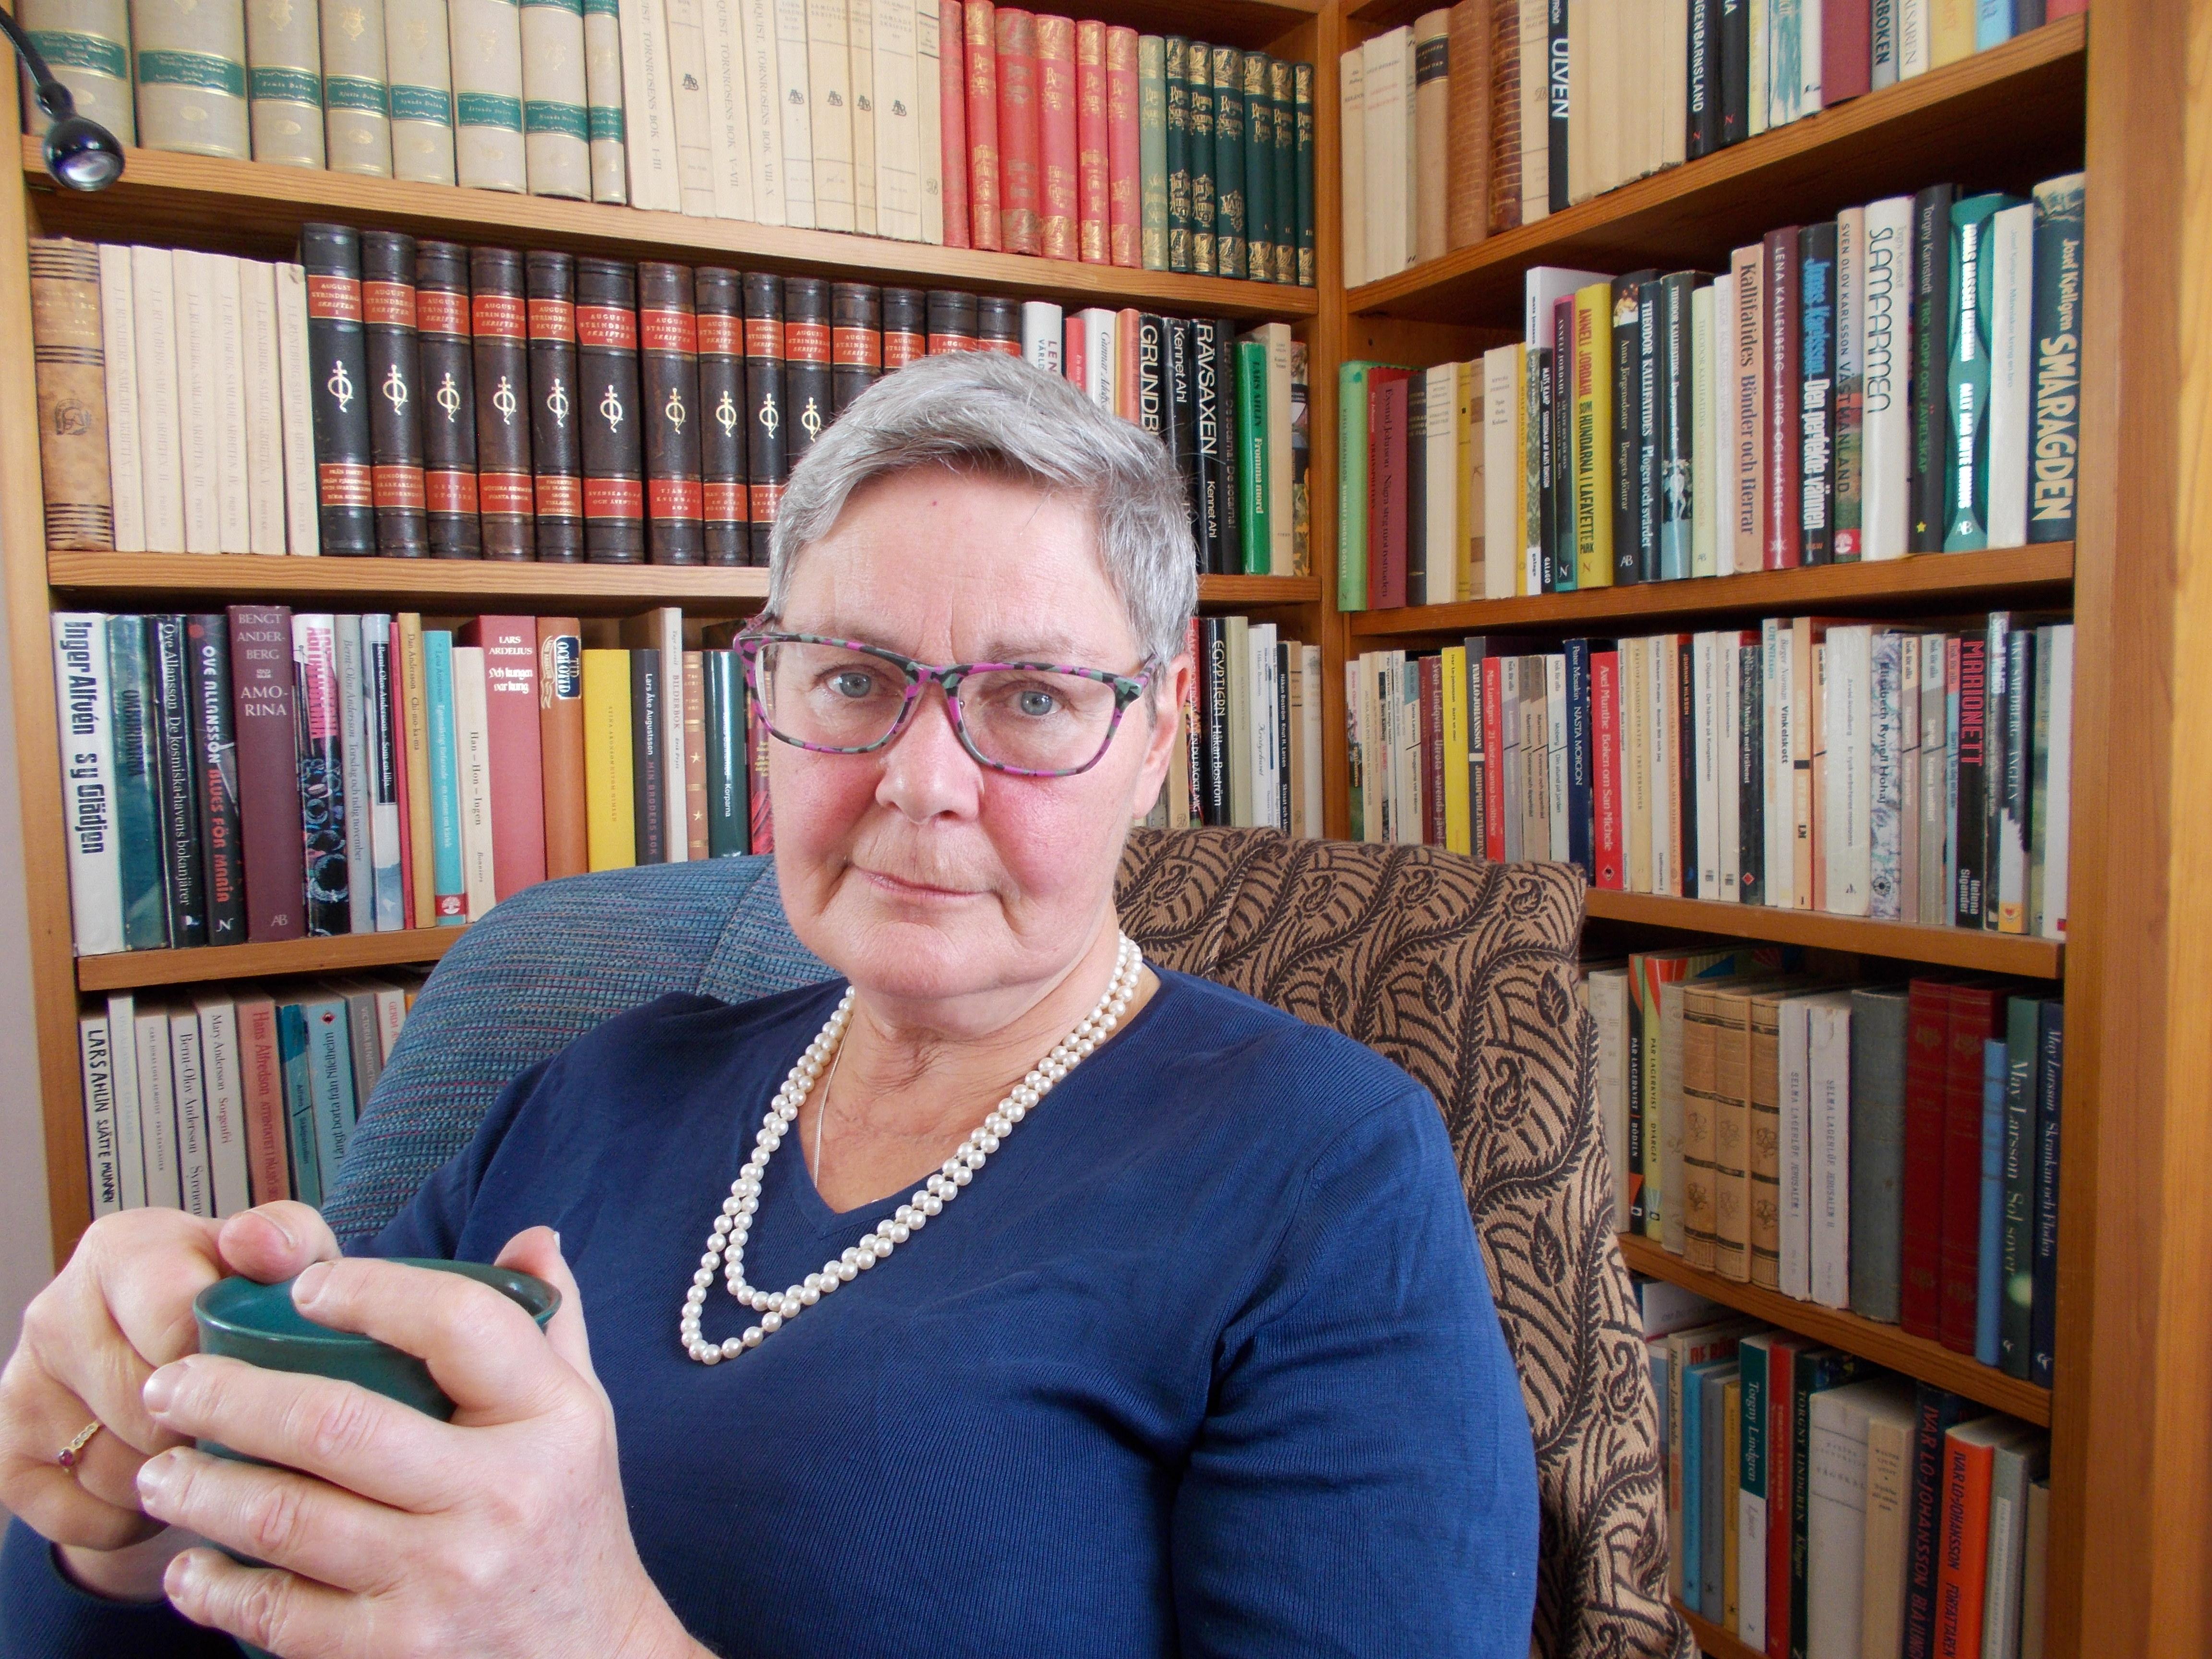 Maria sitter framför en bokhylla. Hon har grått hår, glasögon och en blå tröja och ett vitt halsband.